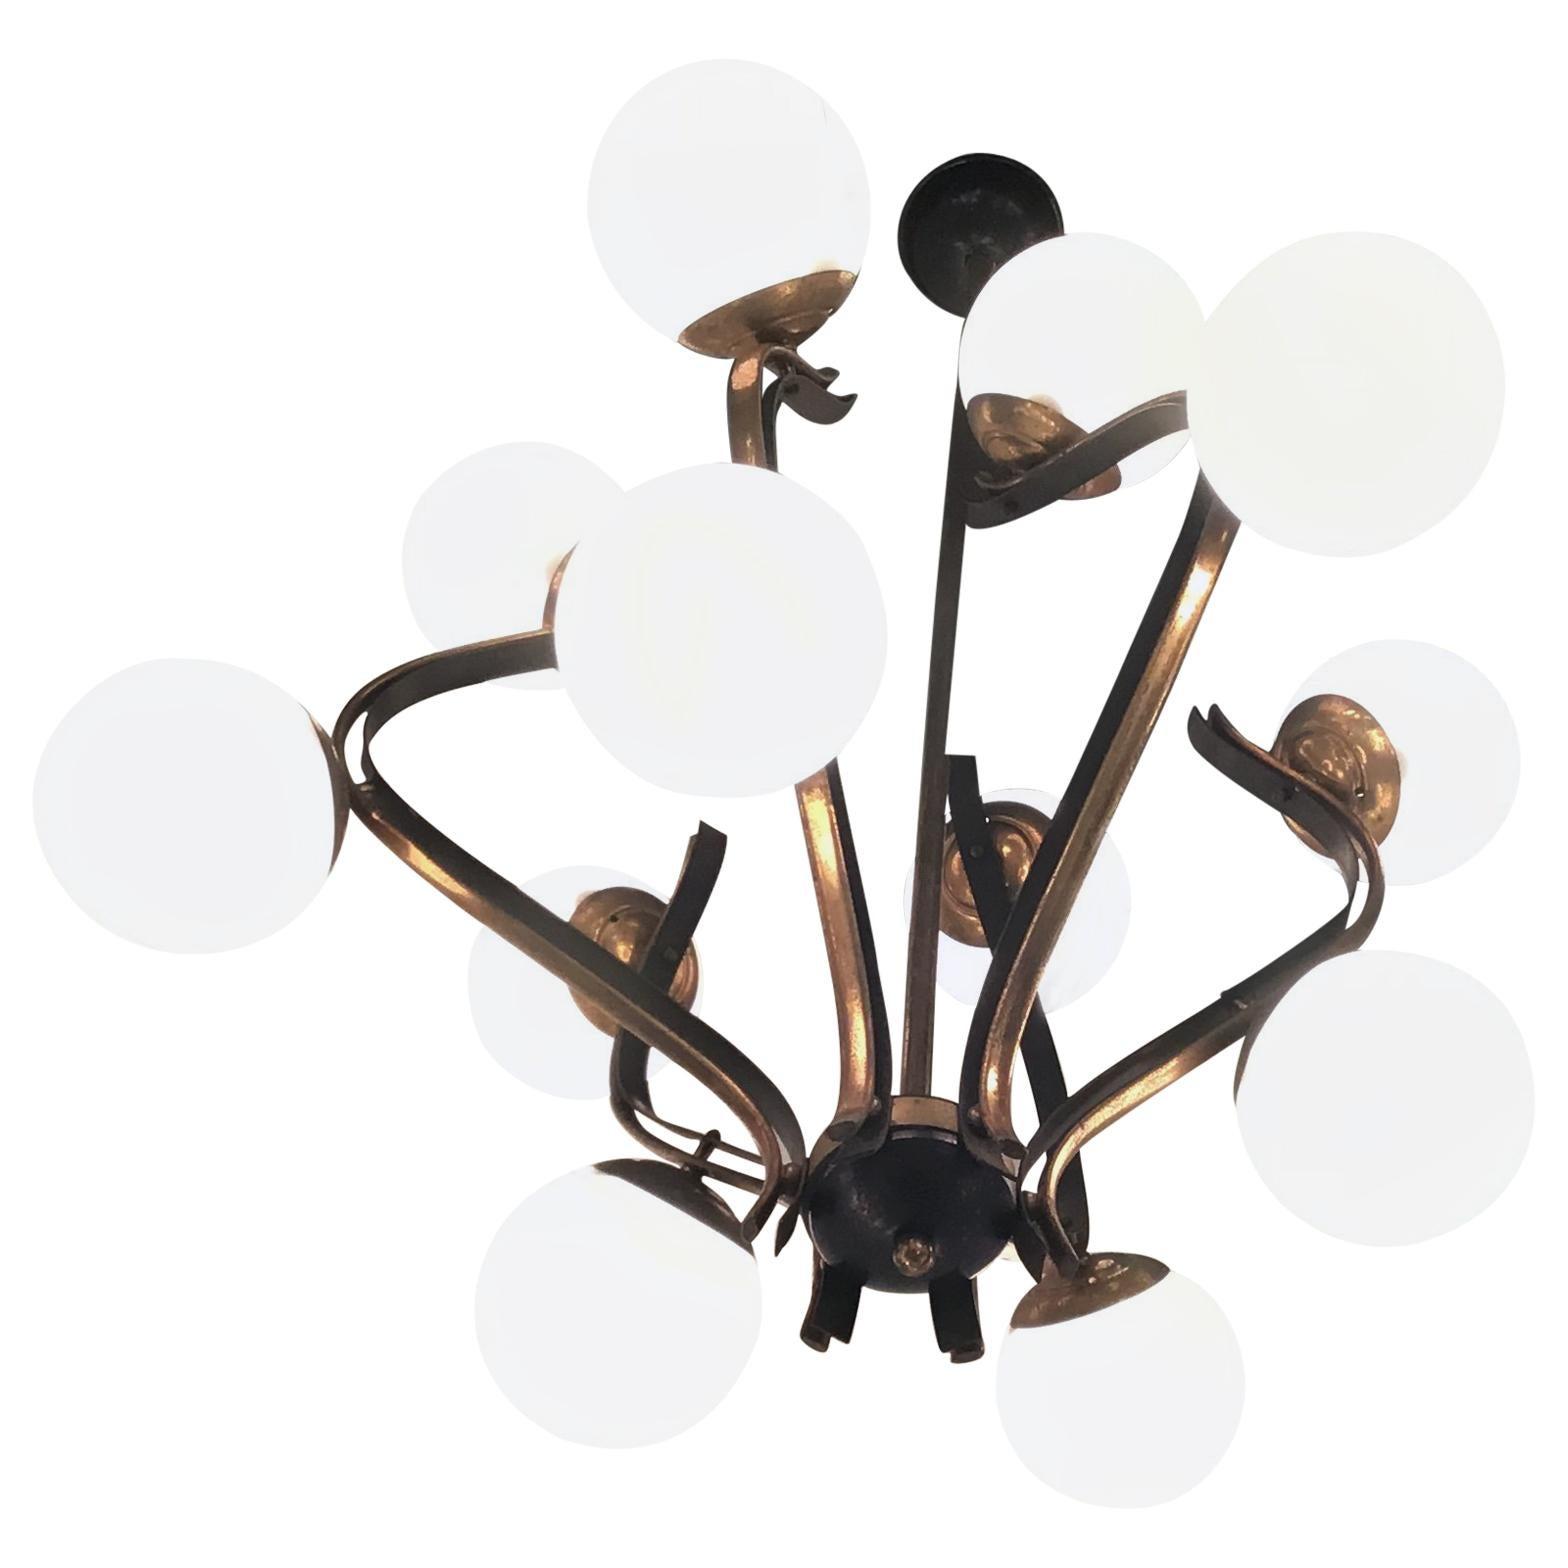 Chandelier 12 Lights Iron Brass Opalin Glass 1950, attributed to Stilnovo c 1955